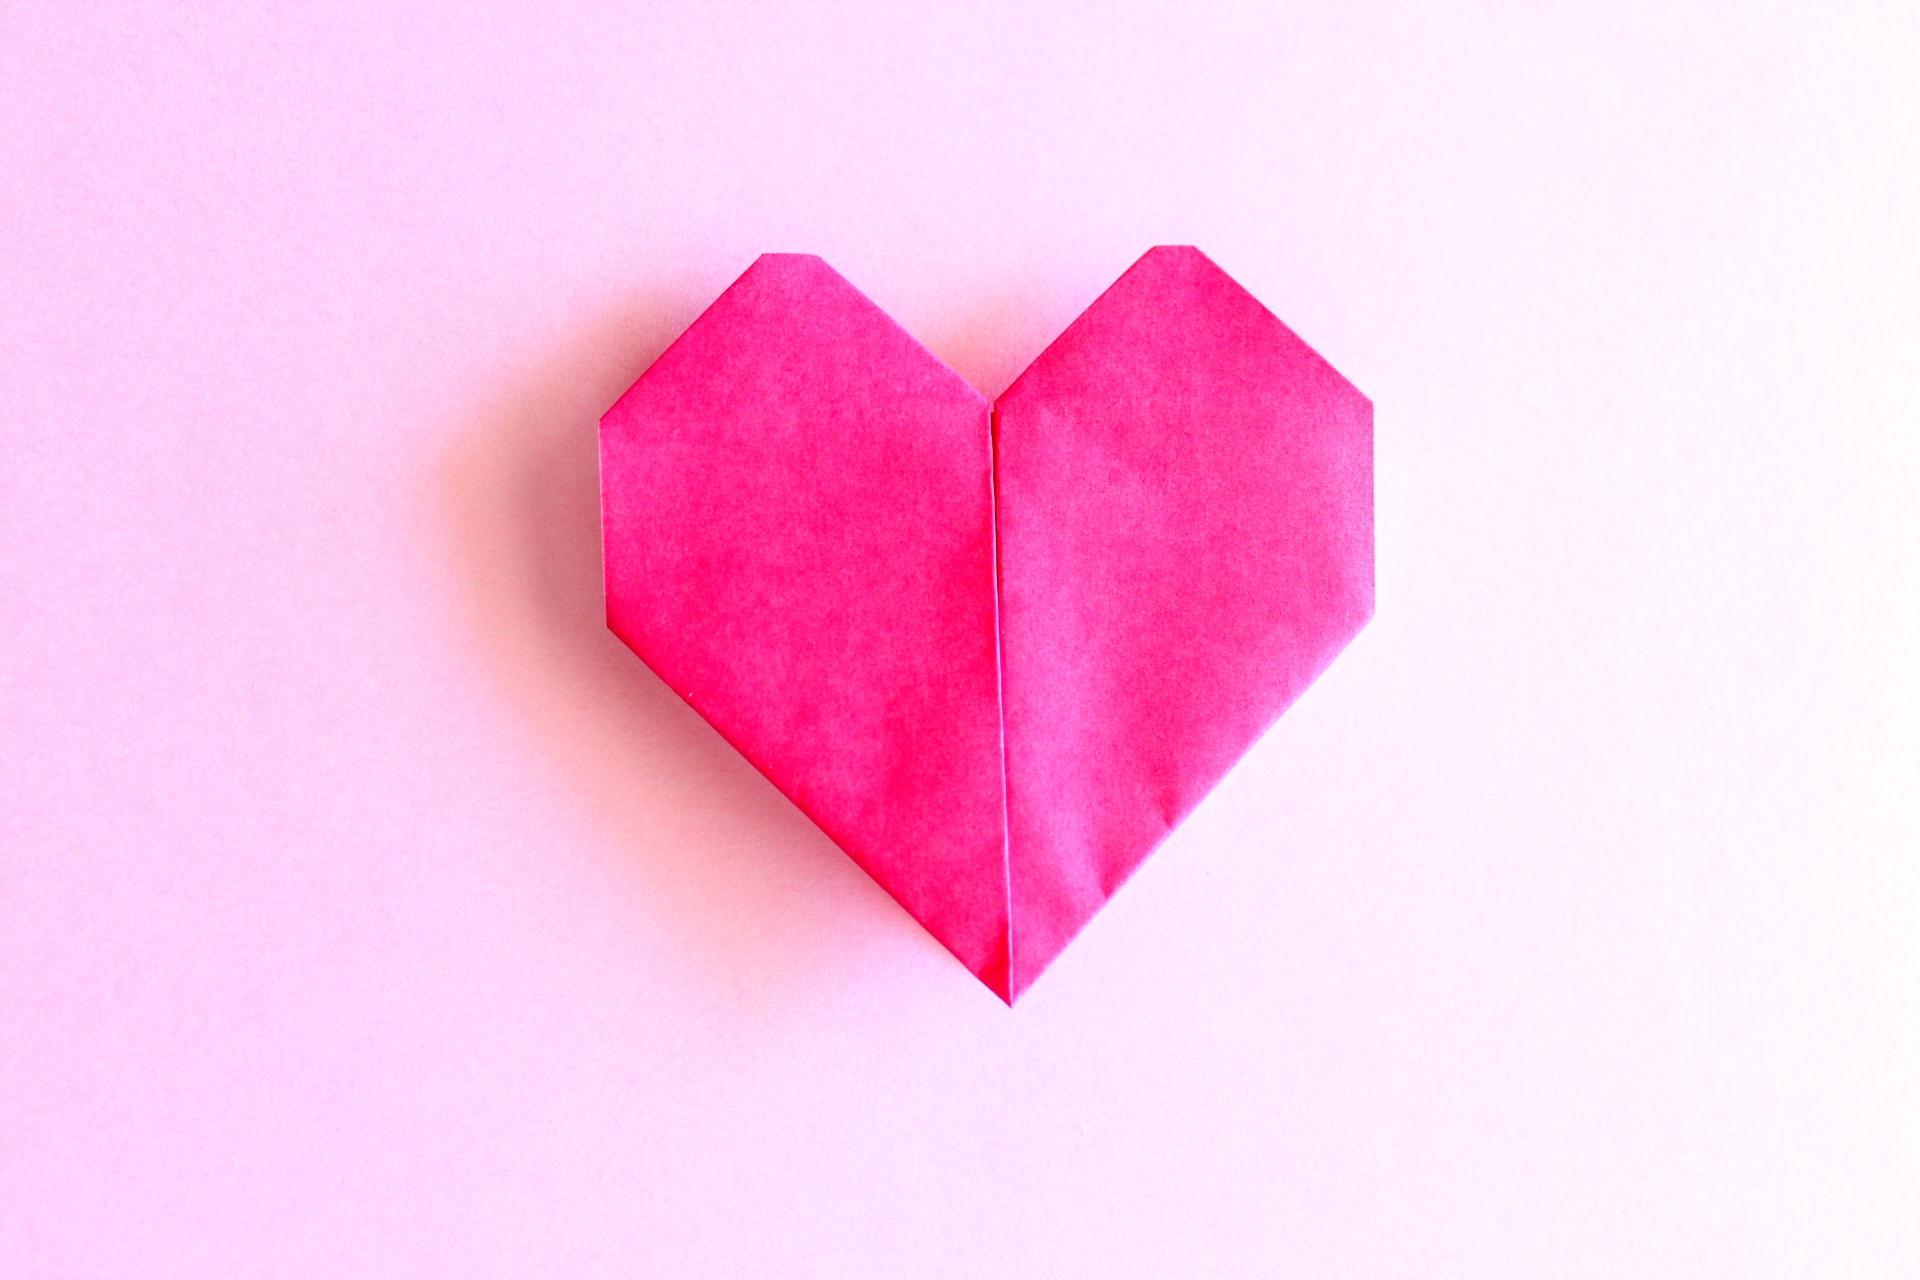 折り紙のハート